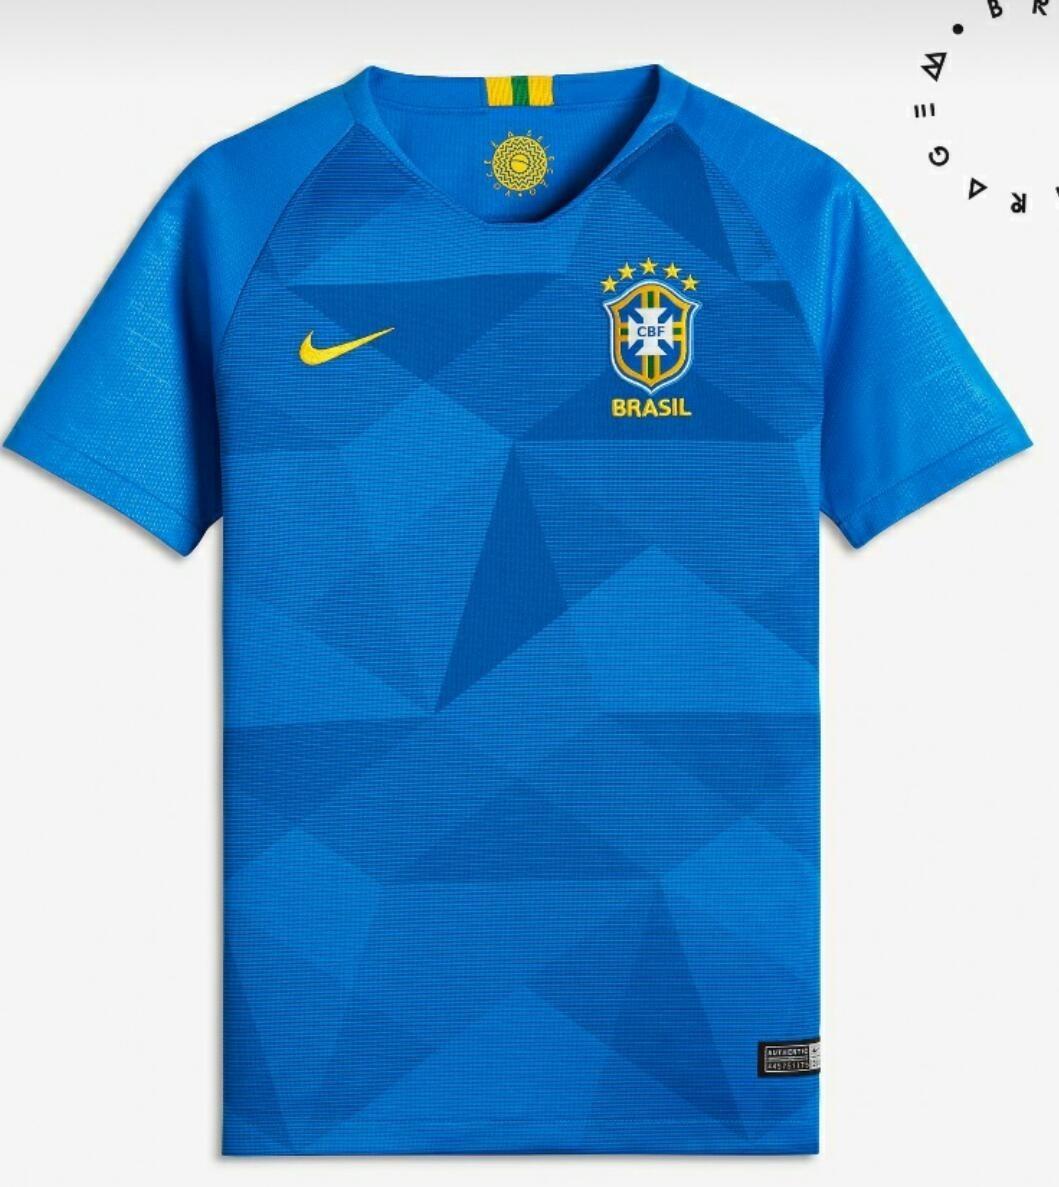 d9c66173692d9 camisa nike seleção brasileira oficial 2018 preço baixo. Carregando zoom.